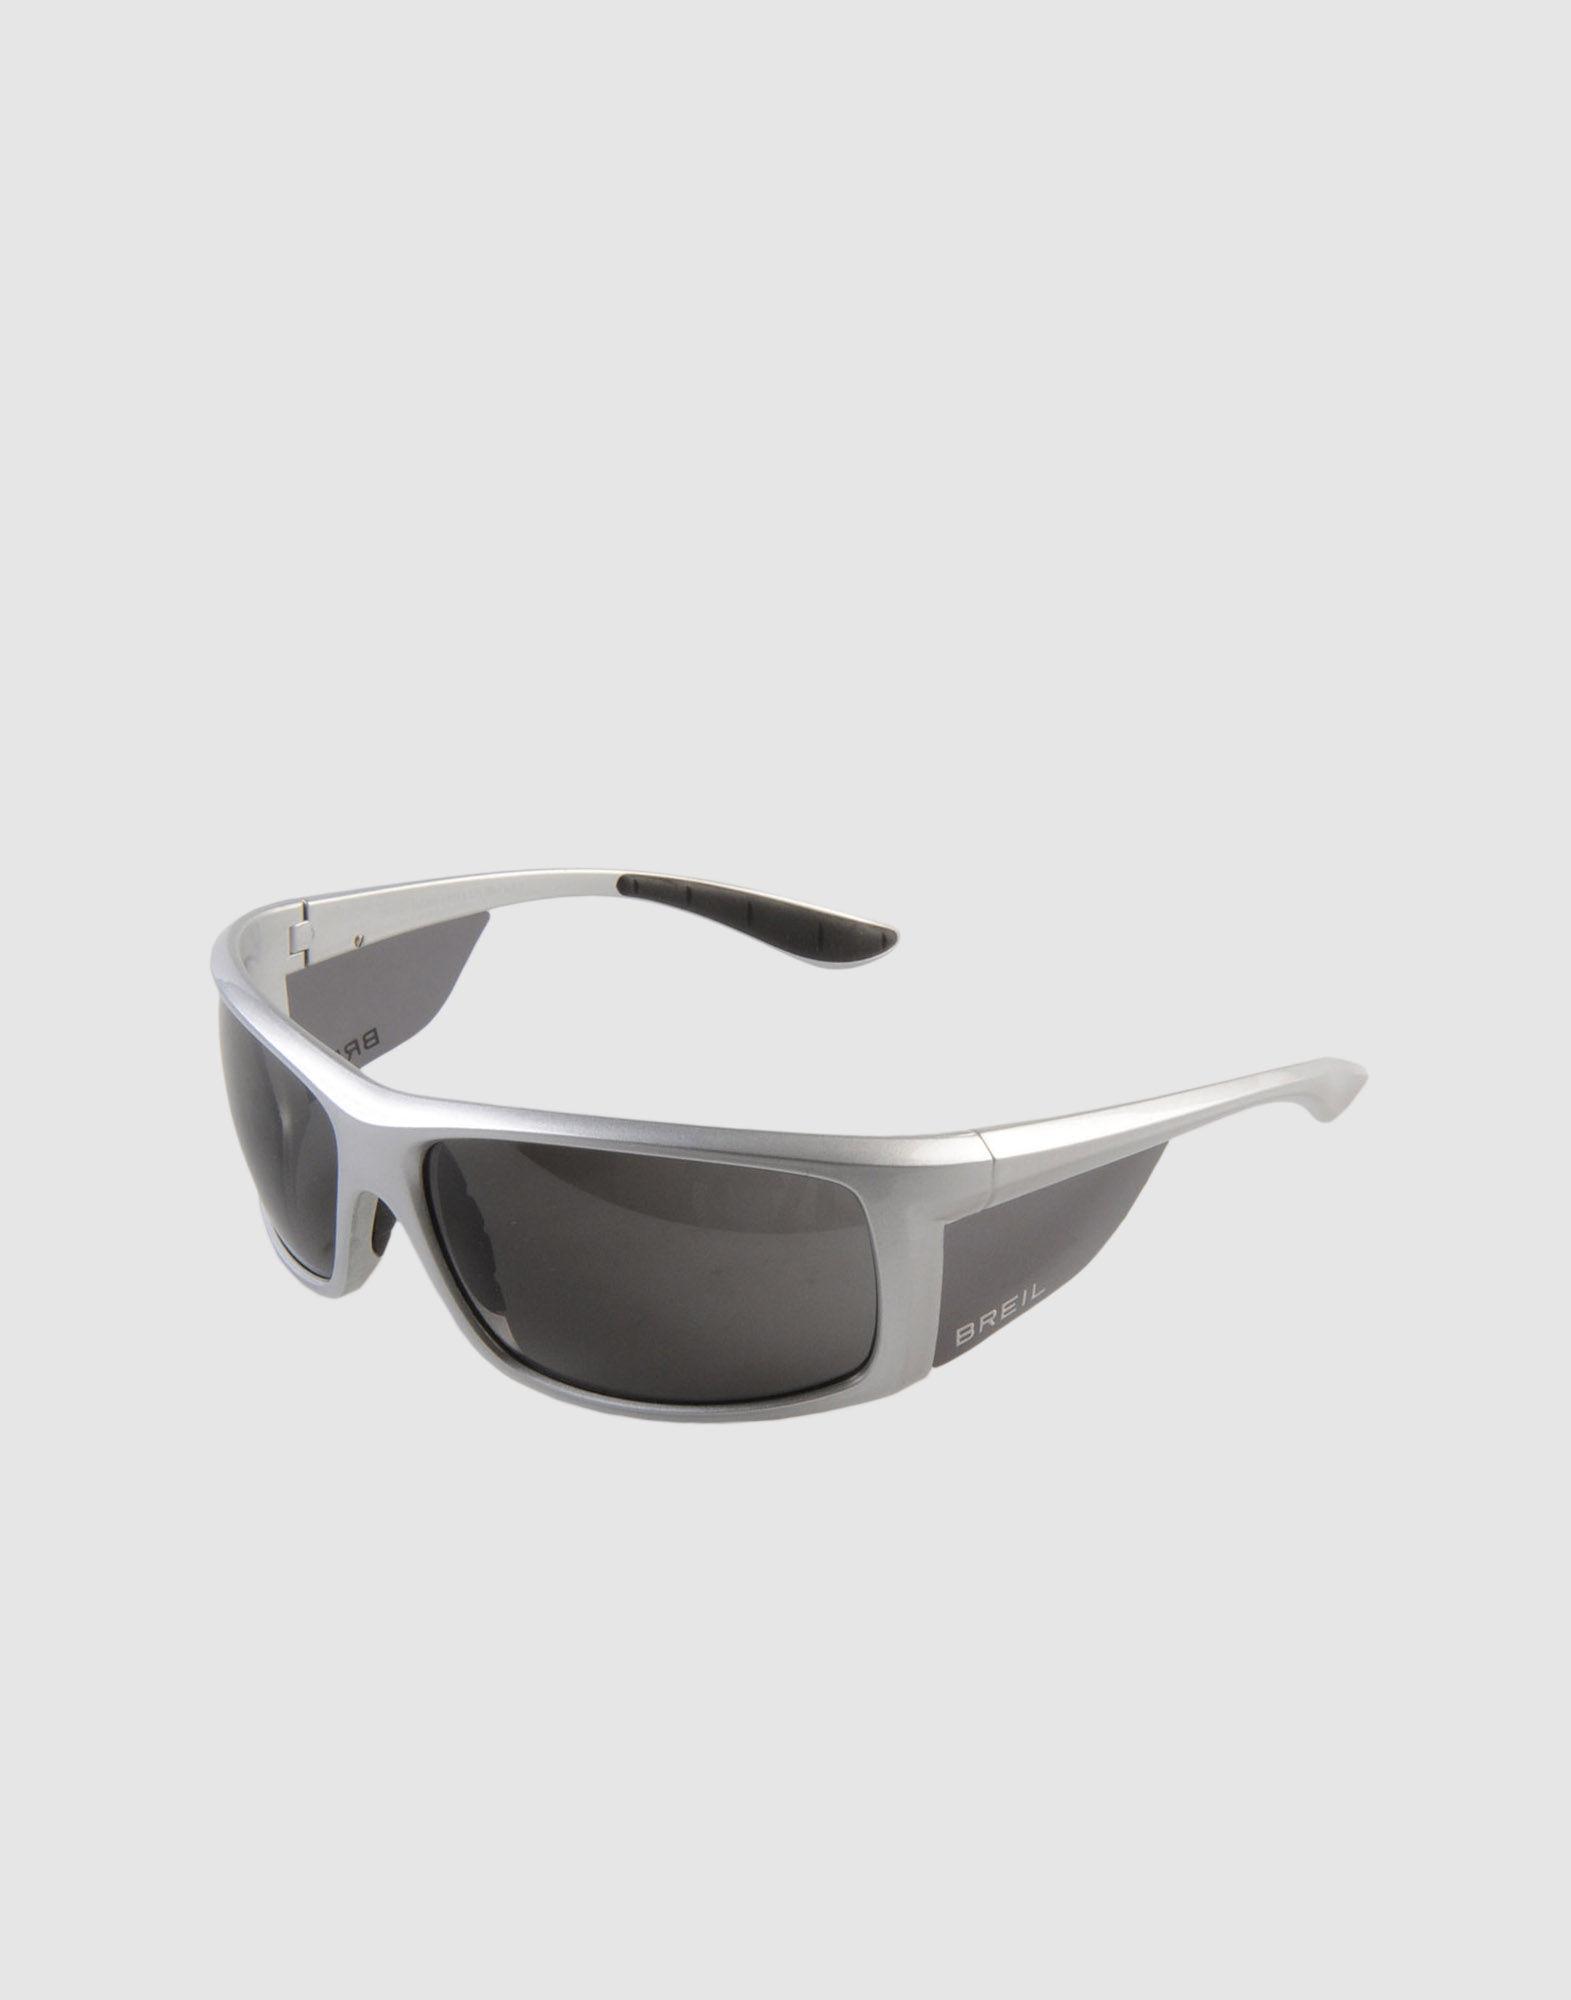 BREIL Sunglasses